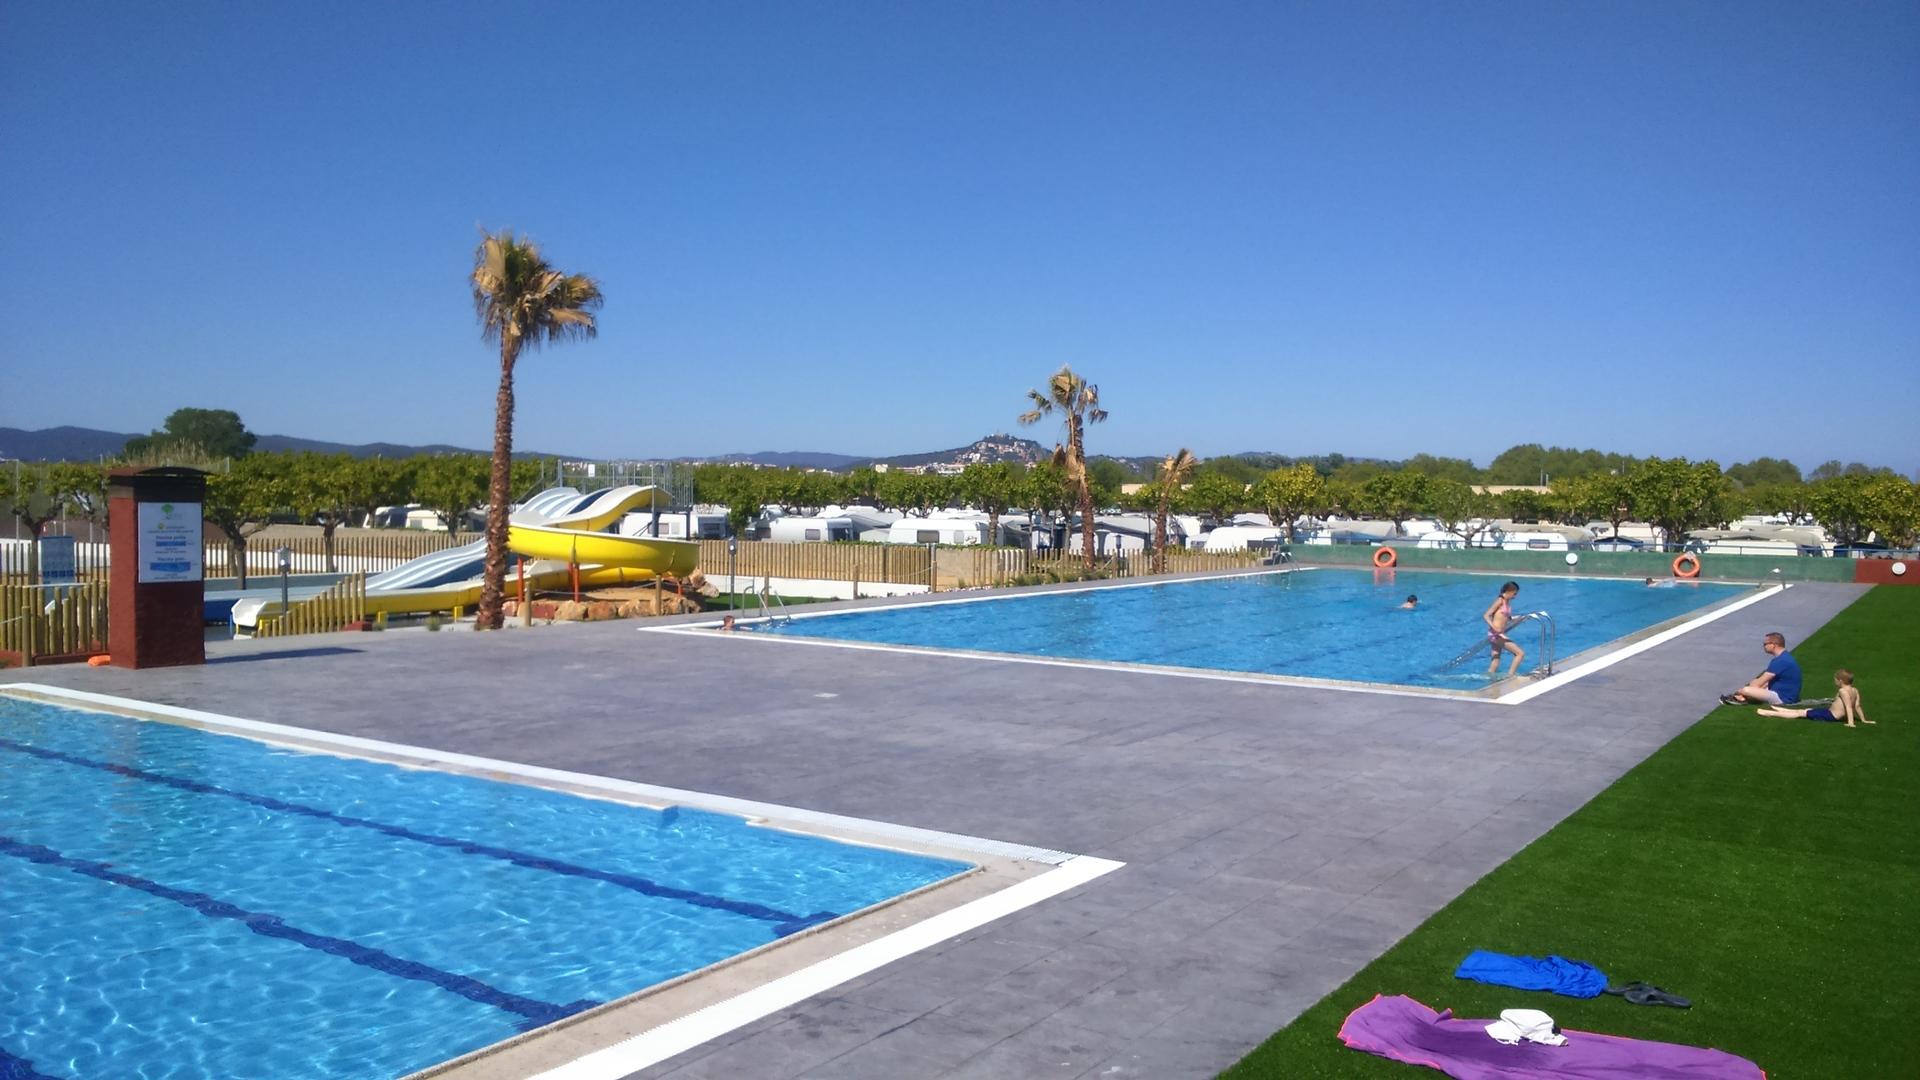 Spanje-Malgrat%20de%20Mar-Camping%20Resort%20Els%20Pins-ExtraLarge Campings Spanje